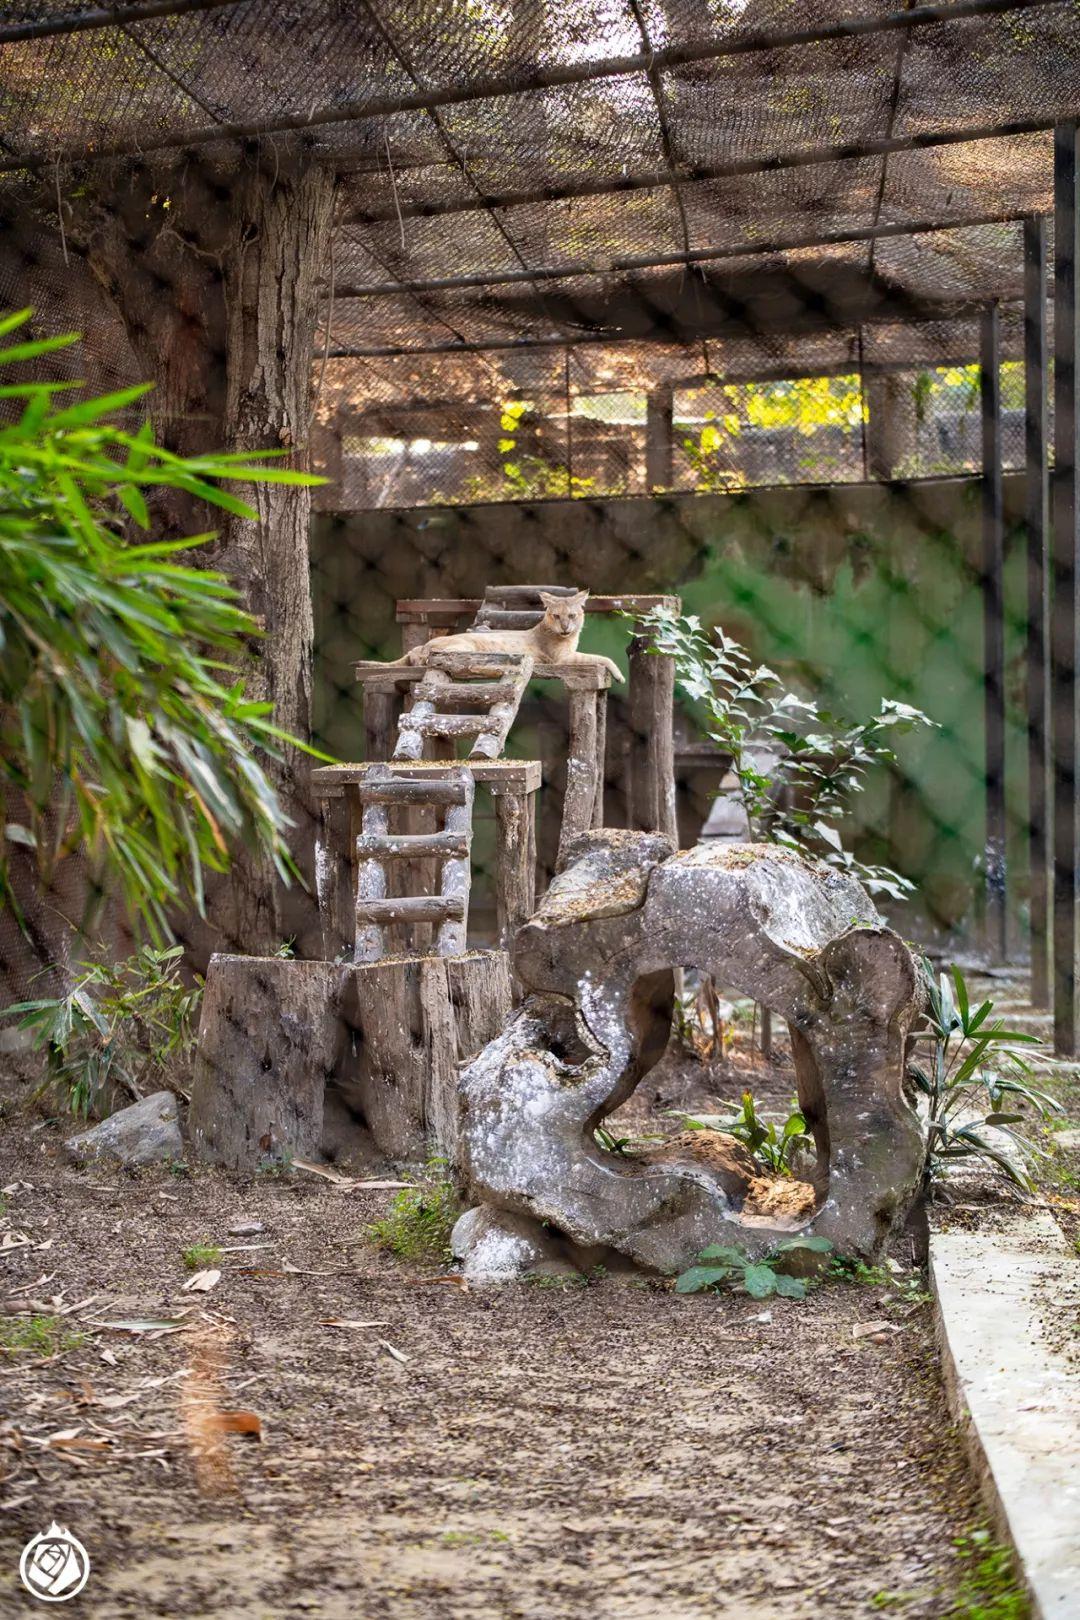 加尔各答动物园:有空又顺路,那可以随便逛一逛